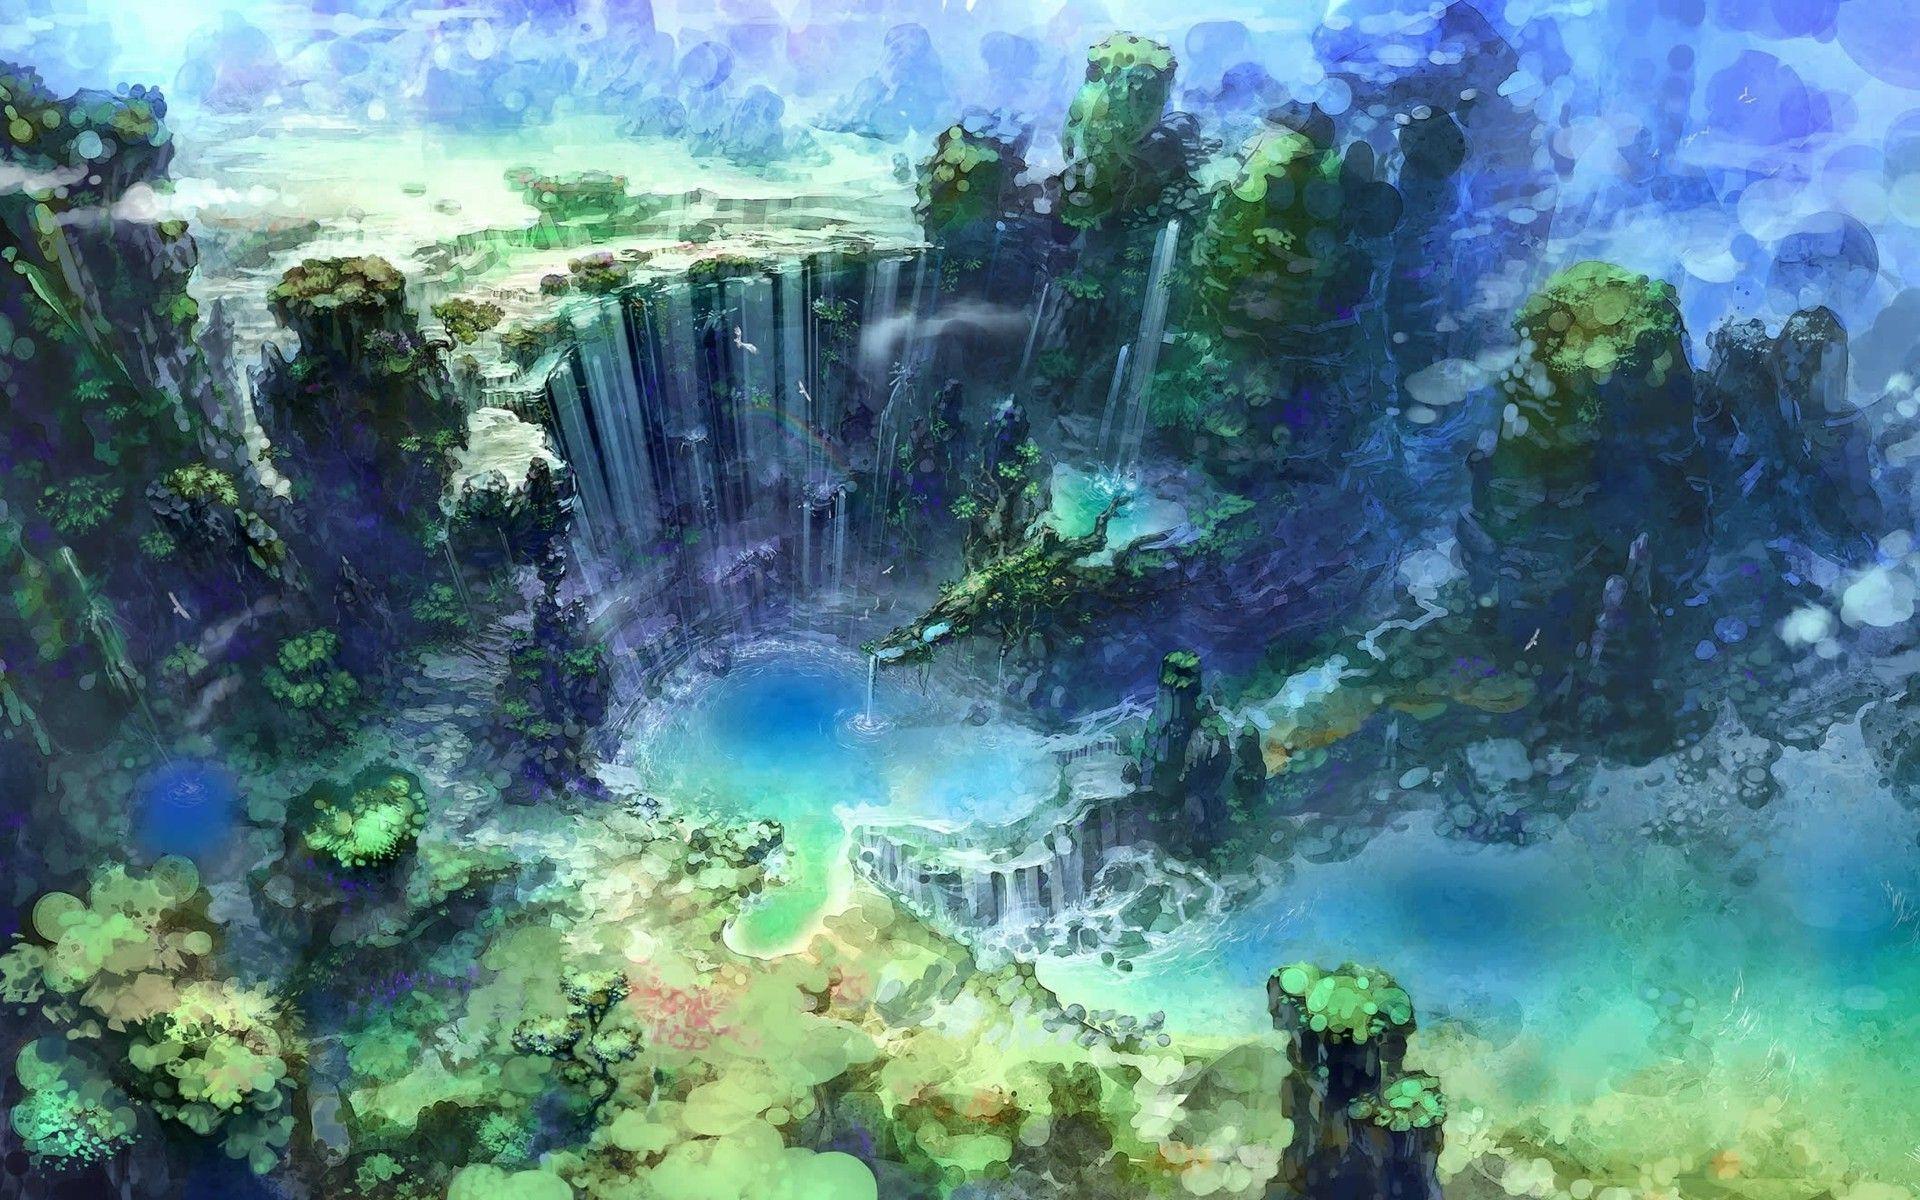 Velký vodopád - Stránka 6 597d93ca2d4592a78f7f7393e31207b4